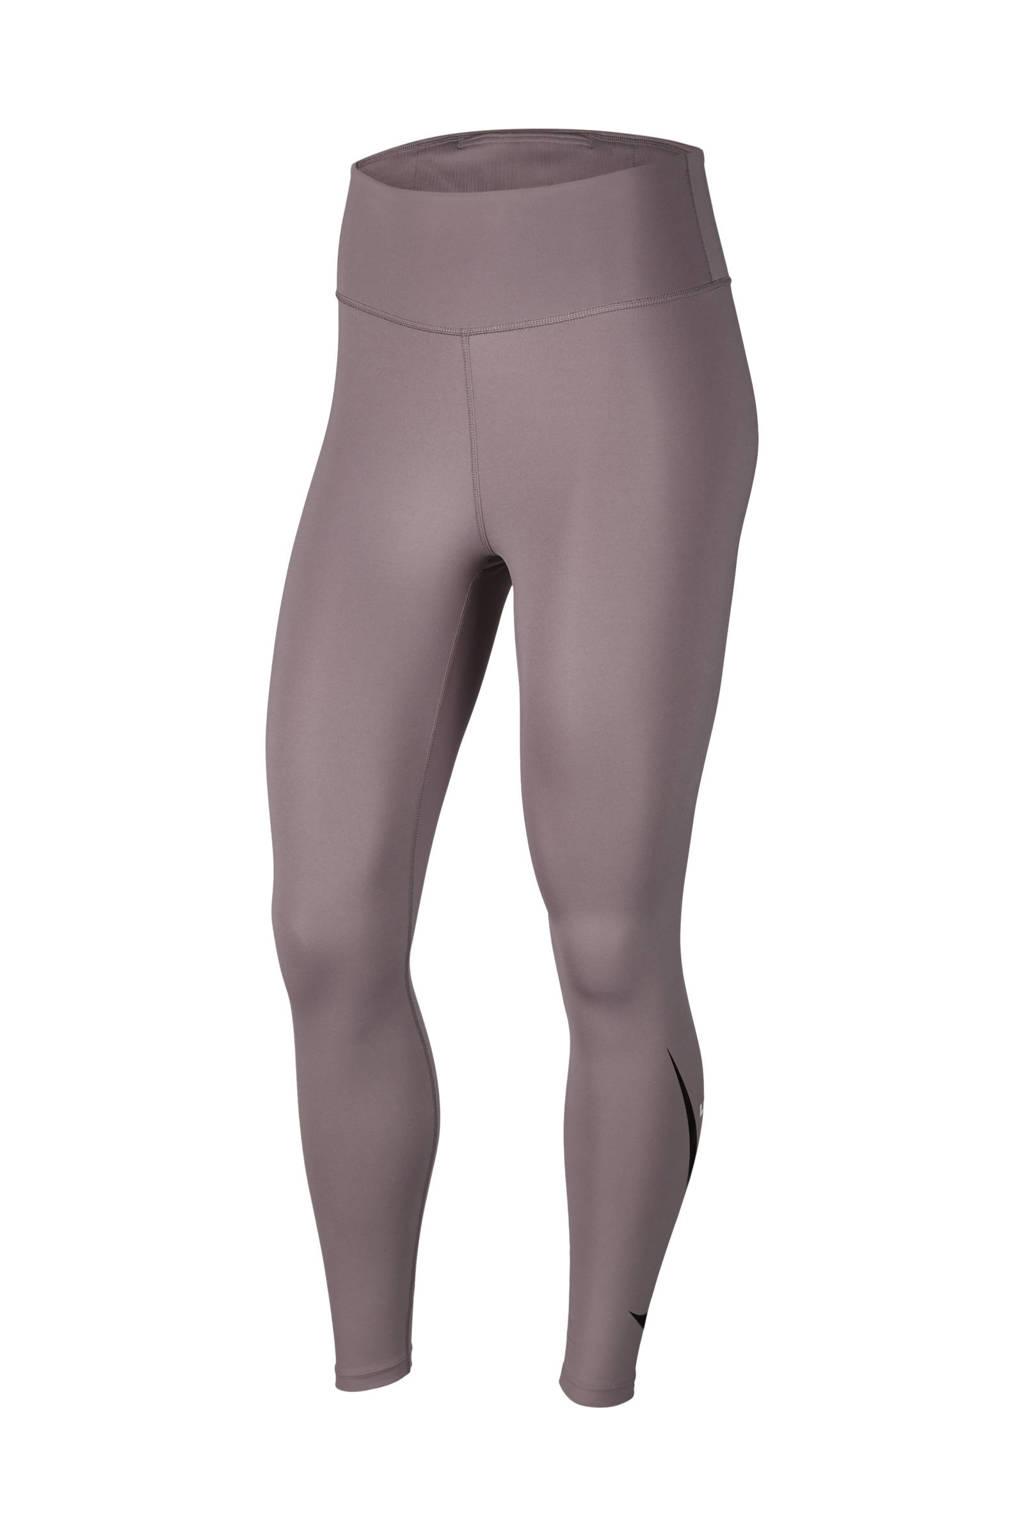 Nike trainingsbroek lila/zilvergrijs